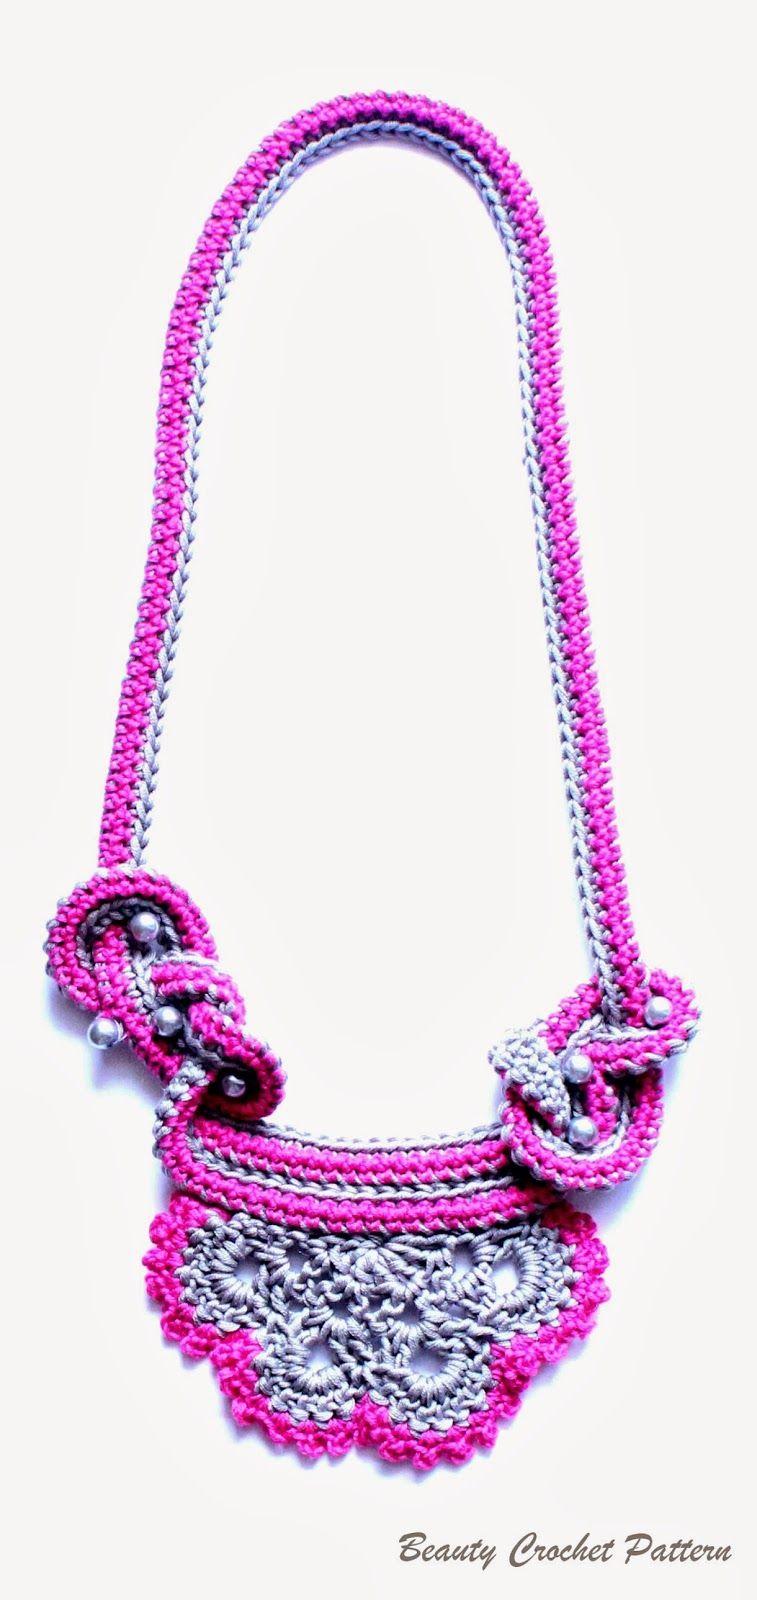 Beauty Crochet Pattern: Crochet Two Colors Necklace Pattern ...